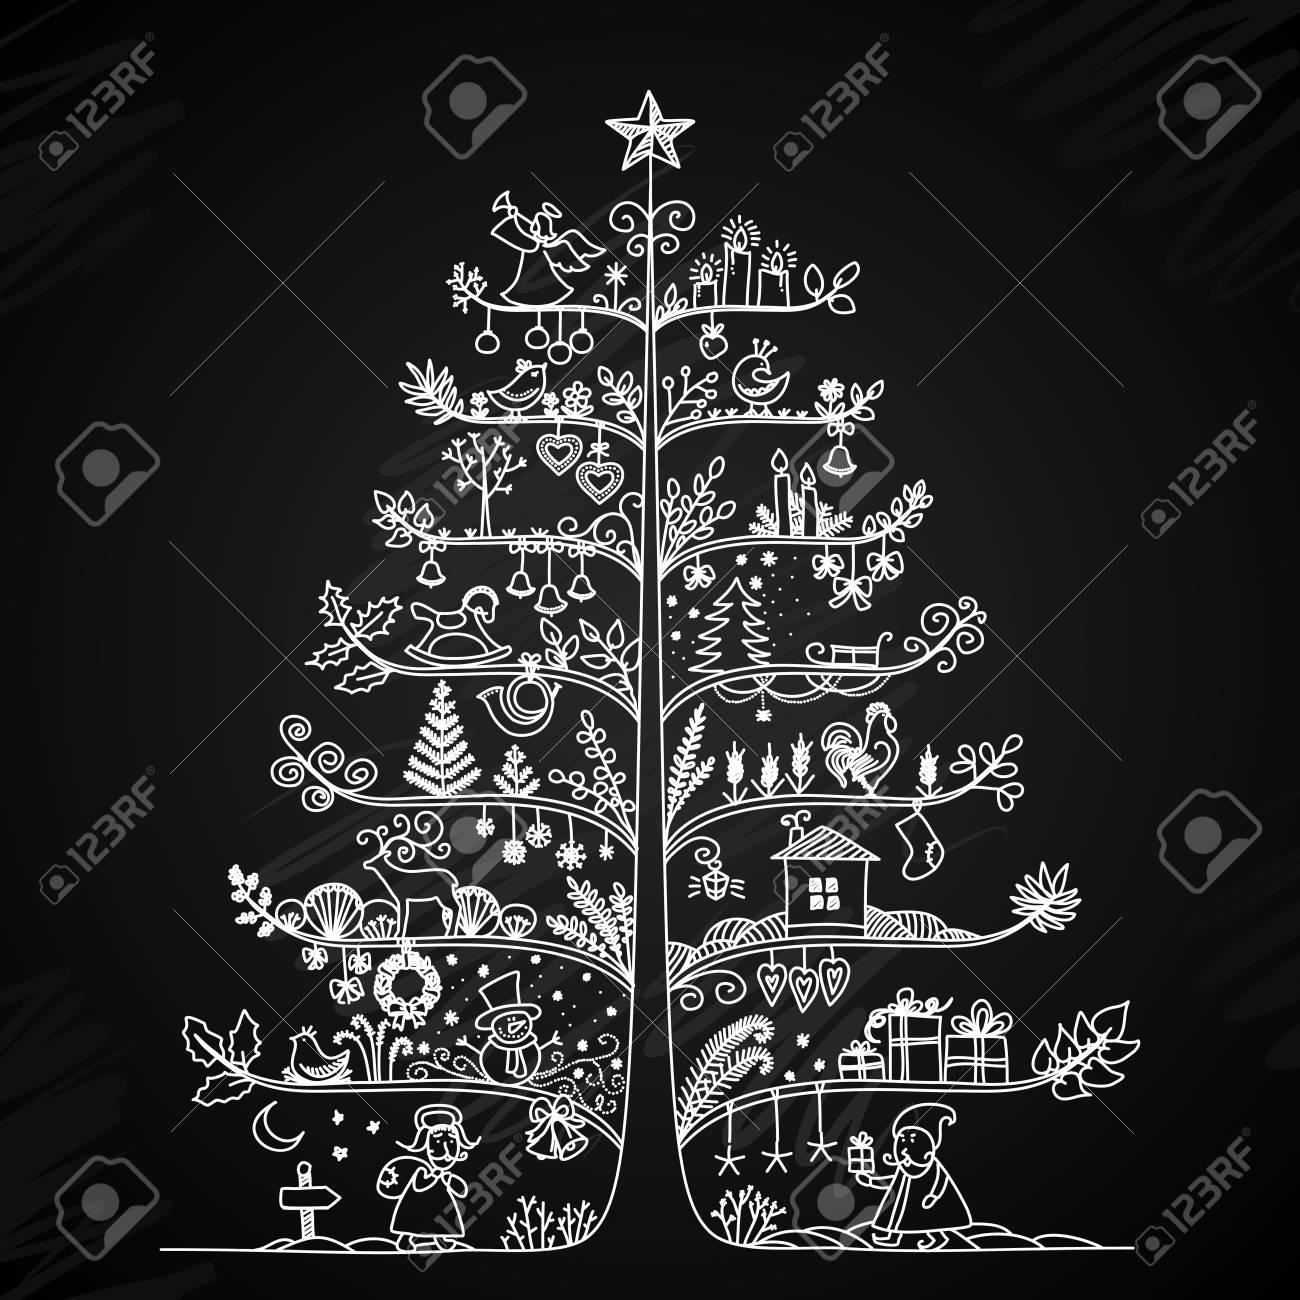 Disegni Di Natale Vettoriali.Carino Illustrazione Vettoriale Di Un Albero Di Natale In Stile Retro Styling Disegno Gesso Su Una Lavagna Il Concetto Di Vacanze Di Capodanno